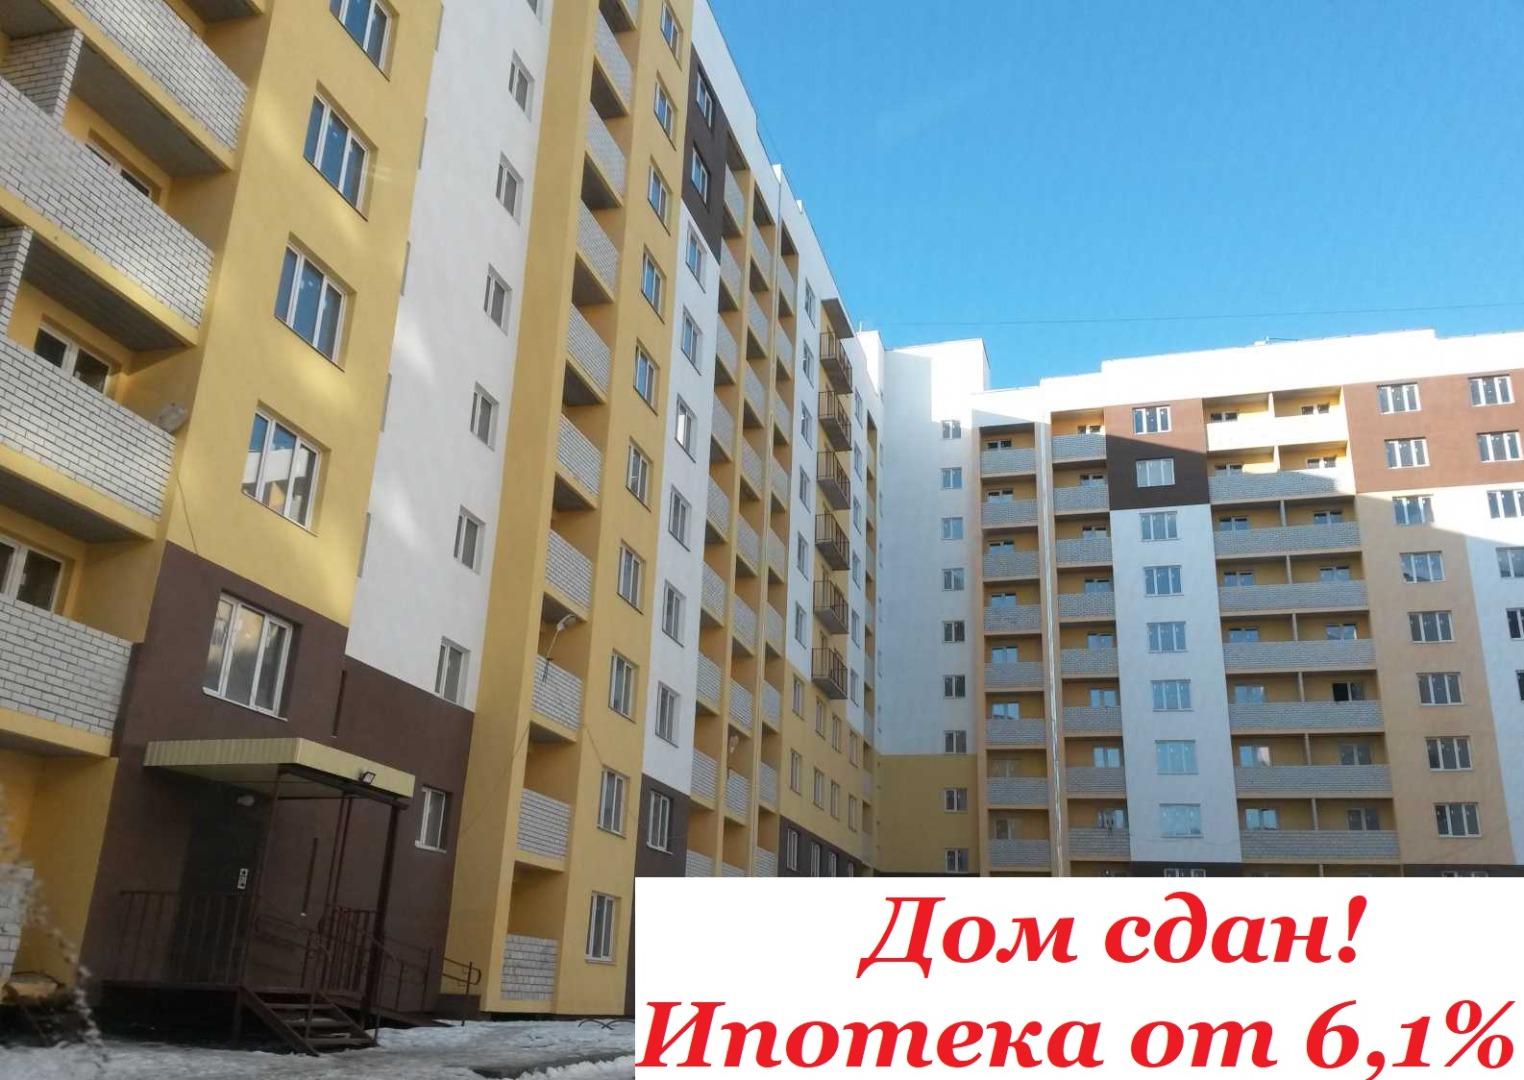 Продам 0-комнатную квартиру в городе Саратов, на улице Миллеровская,  15, 5-этаж 10-этажного кирпичный дома, площадь: 25.62/16.17/0 м2